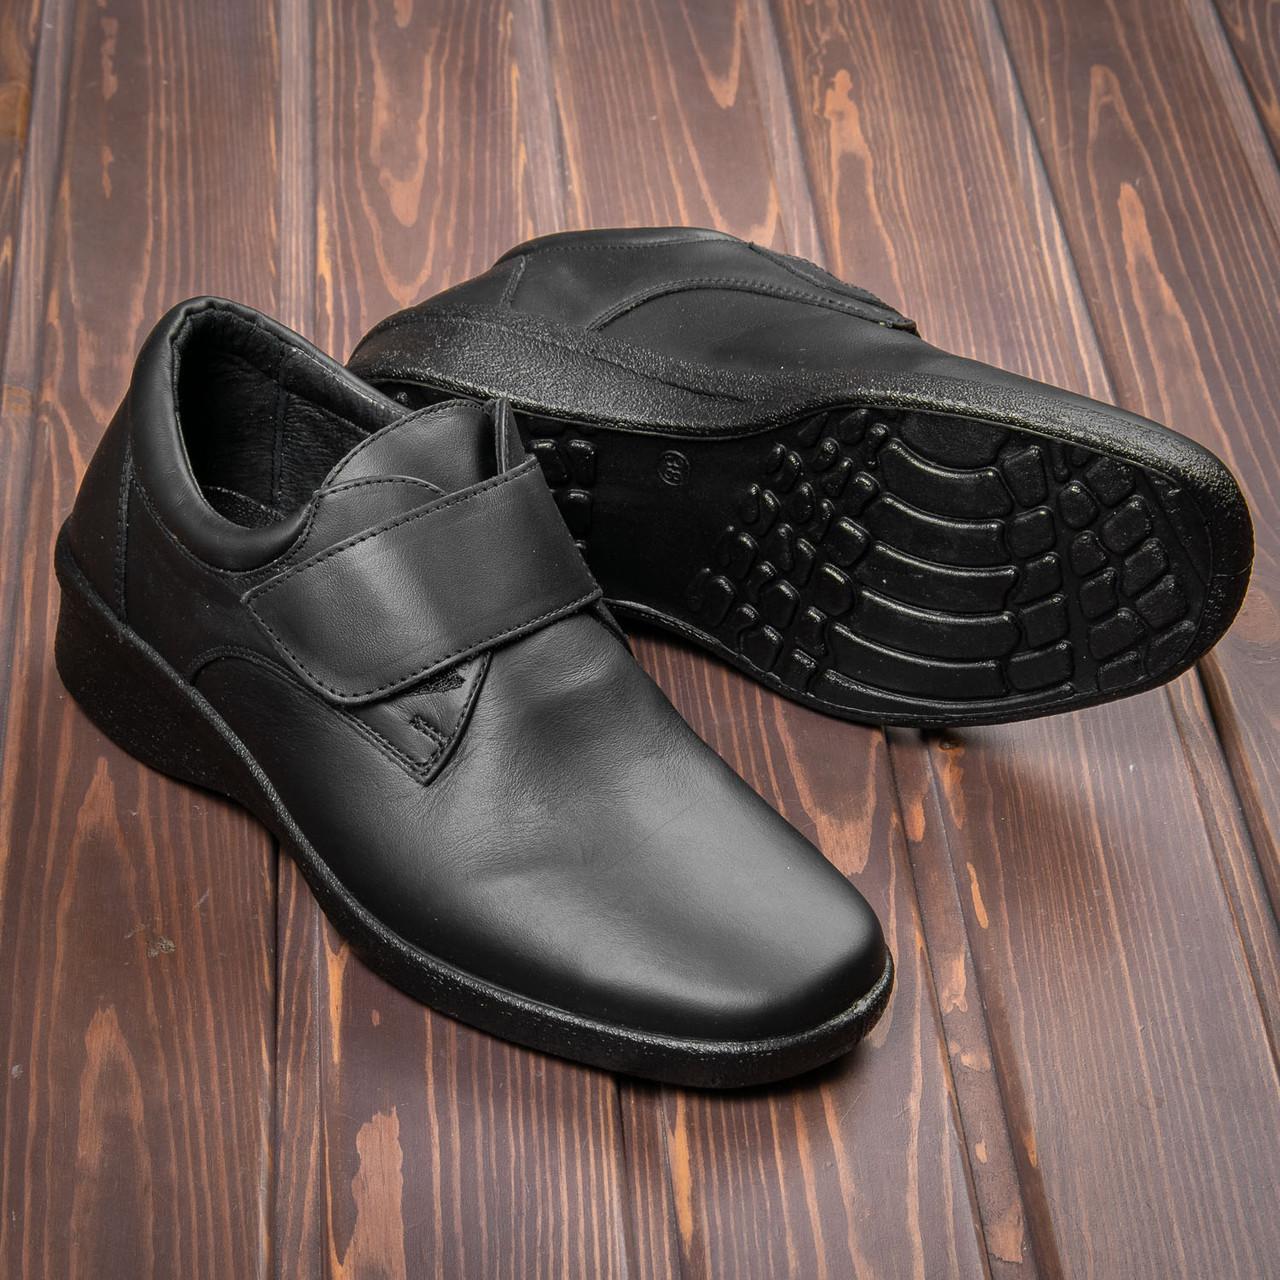 Кожаные ботинки с увеличенной полнотой Tellus  02-22B Черные на липучке 36